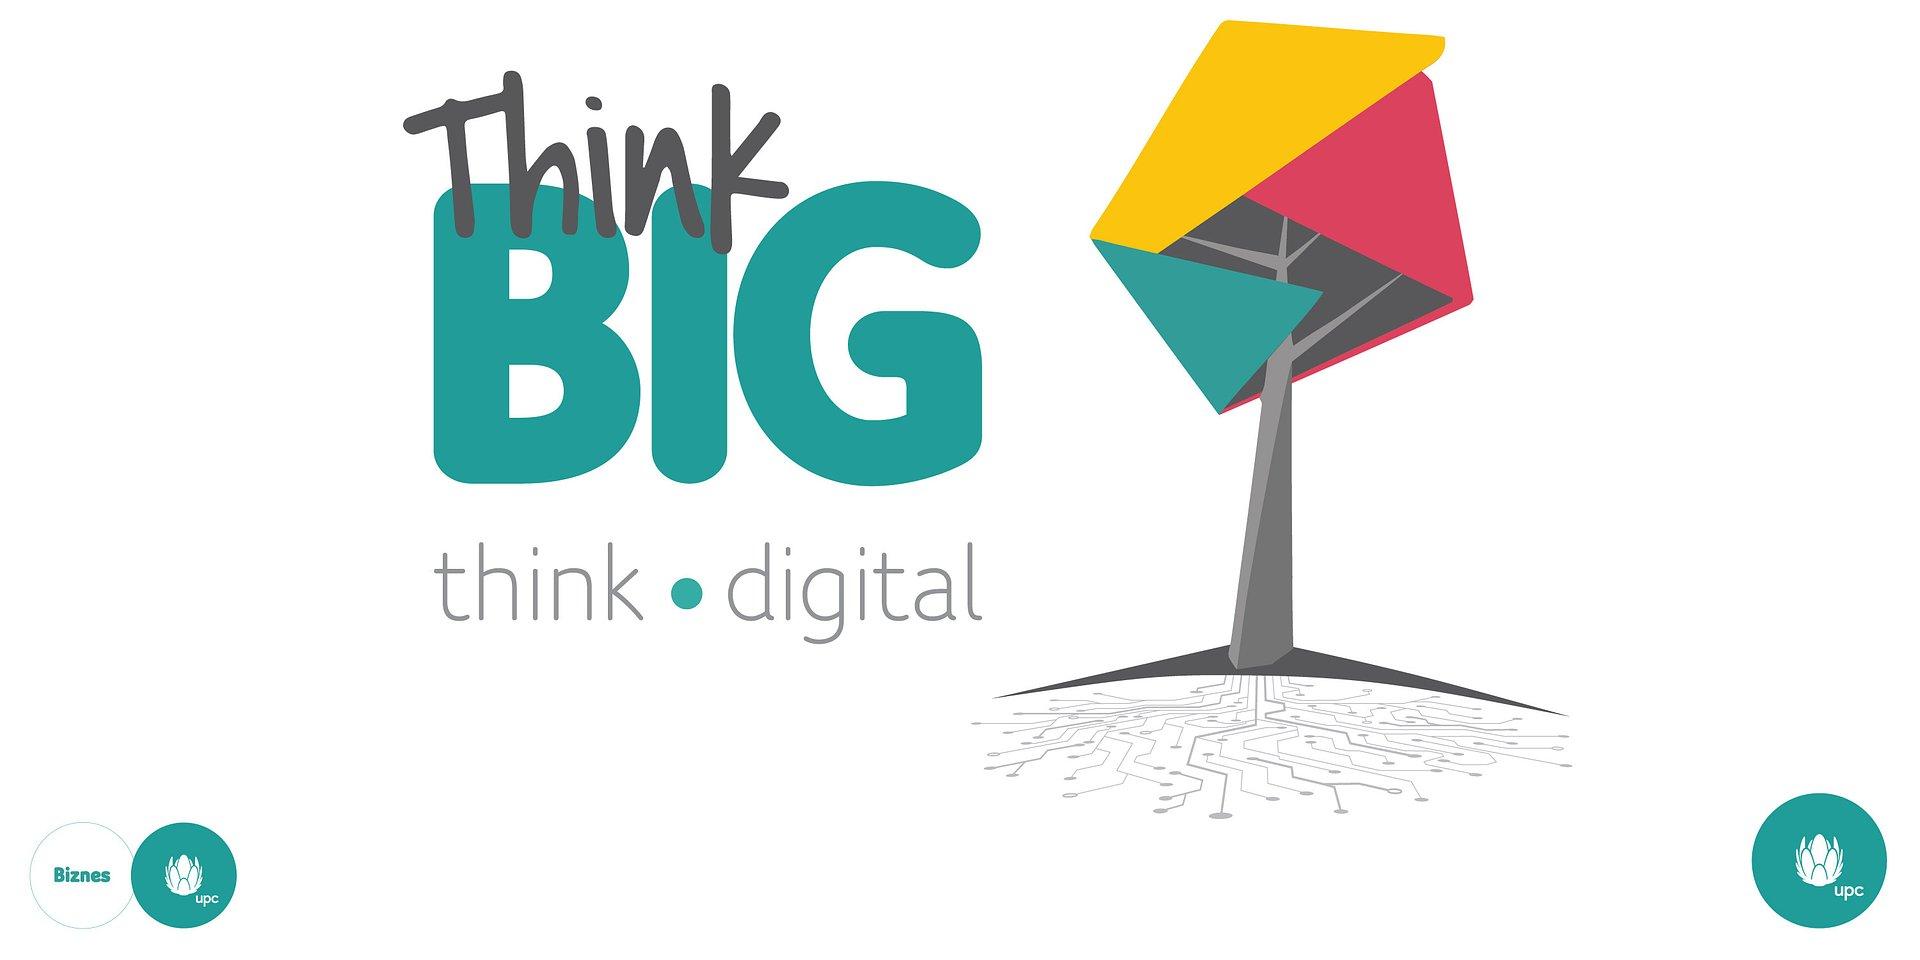 UPC Polska startuje z 7. edycją programu Think Big, który pomaga innowacyjnym przedsiębiorcom oraz innowatorom społecznym w pełni wykorzystać potencjał cyfrowego świata